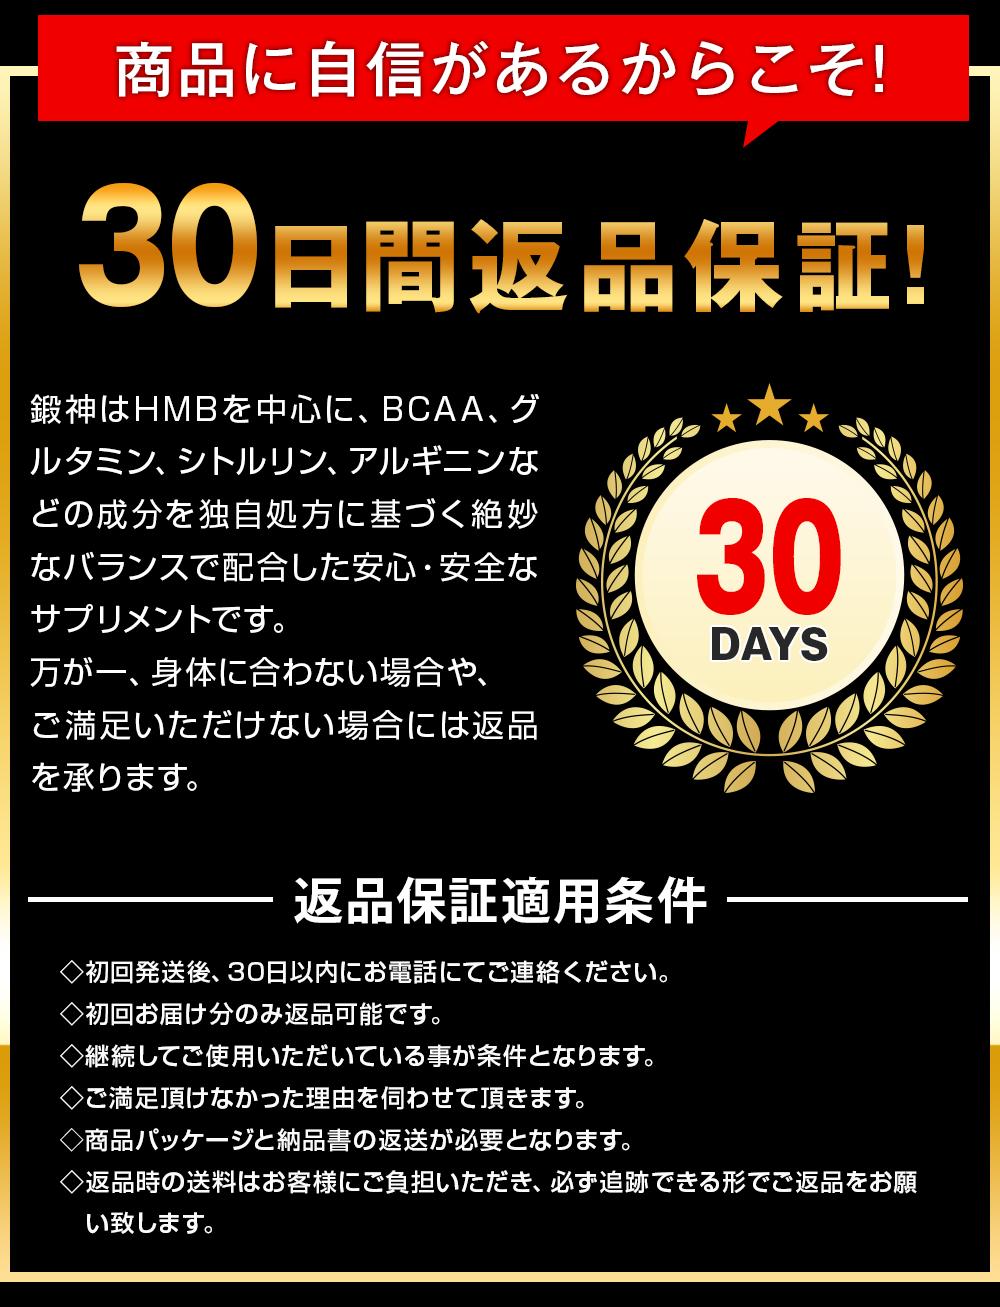 商品に自信があるから鍛神hmbサプリメント2000mgは30日間全額返金保証!